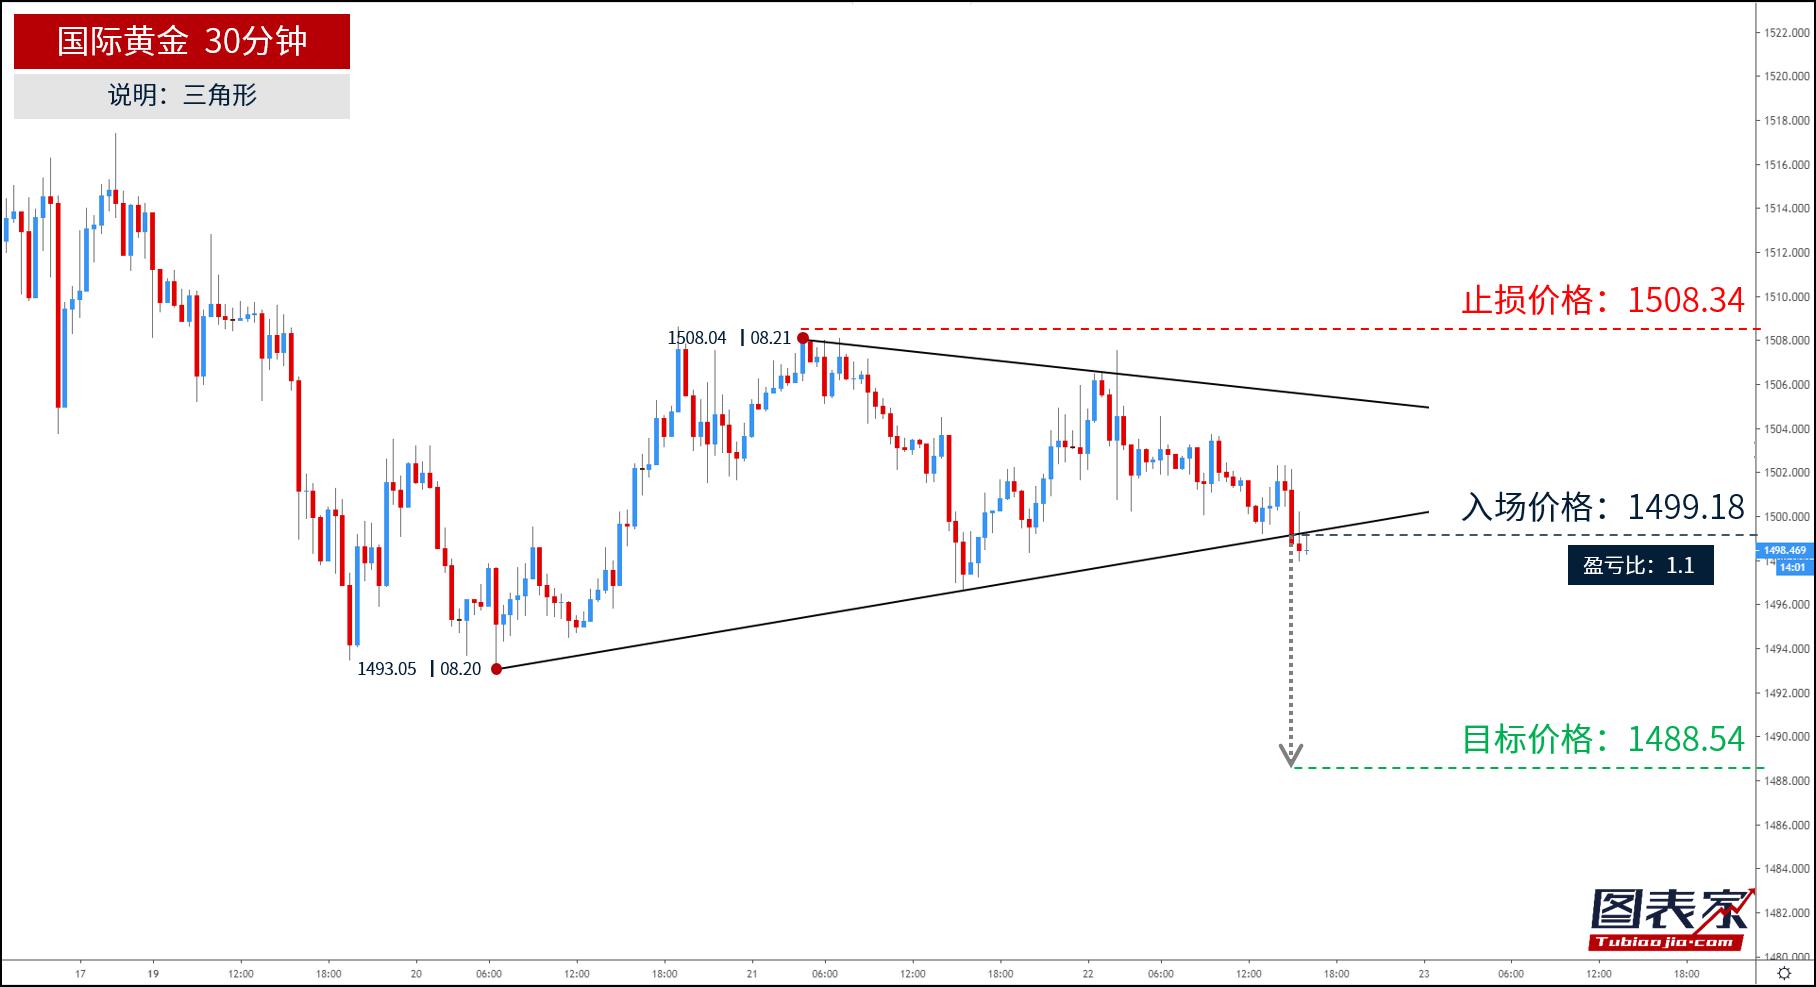 黃金跌破三角形下軌,目標見1488.54